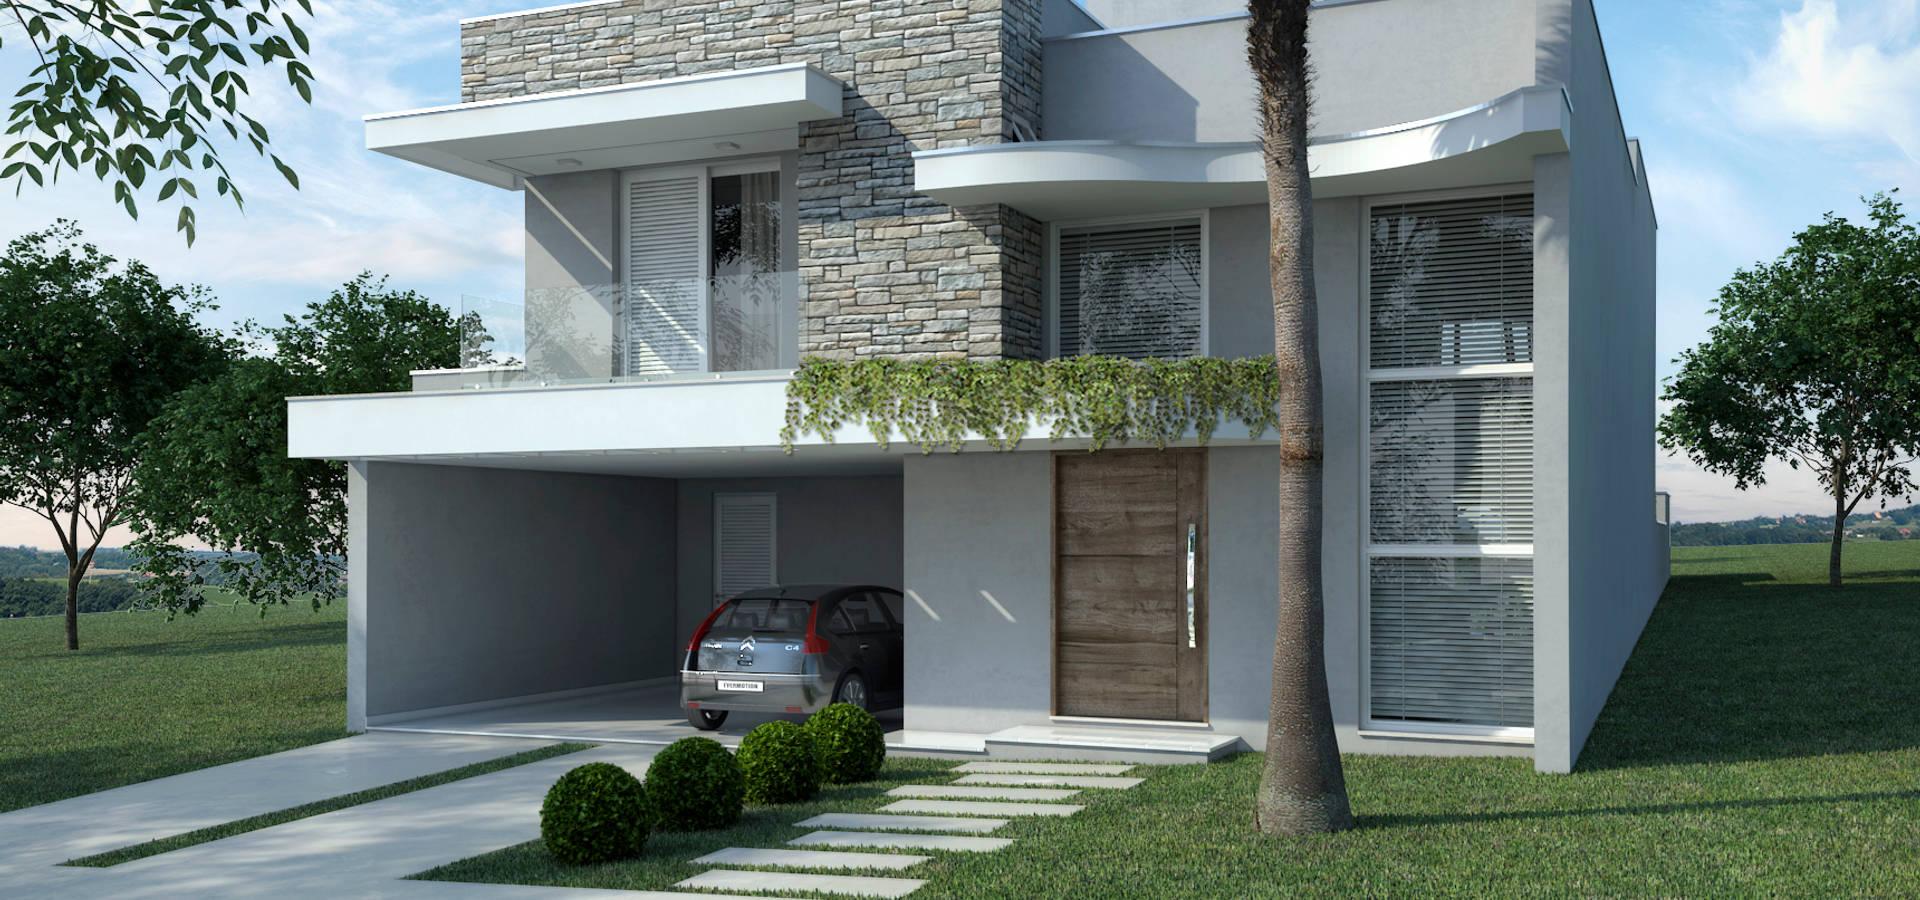 Jacon Arquitetura